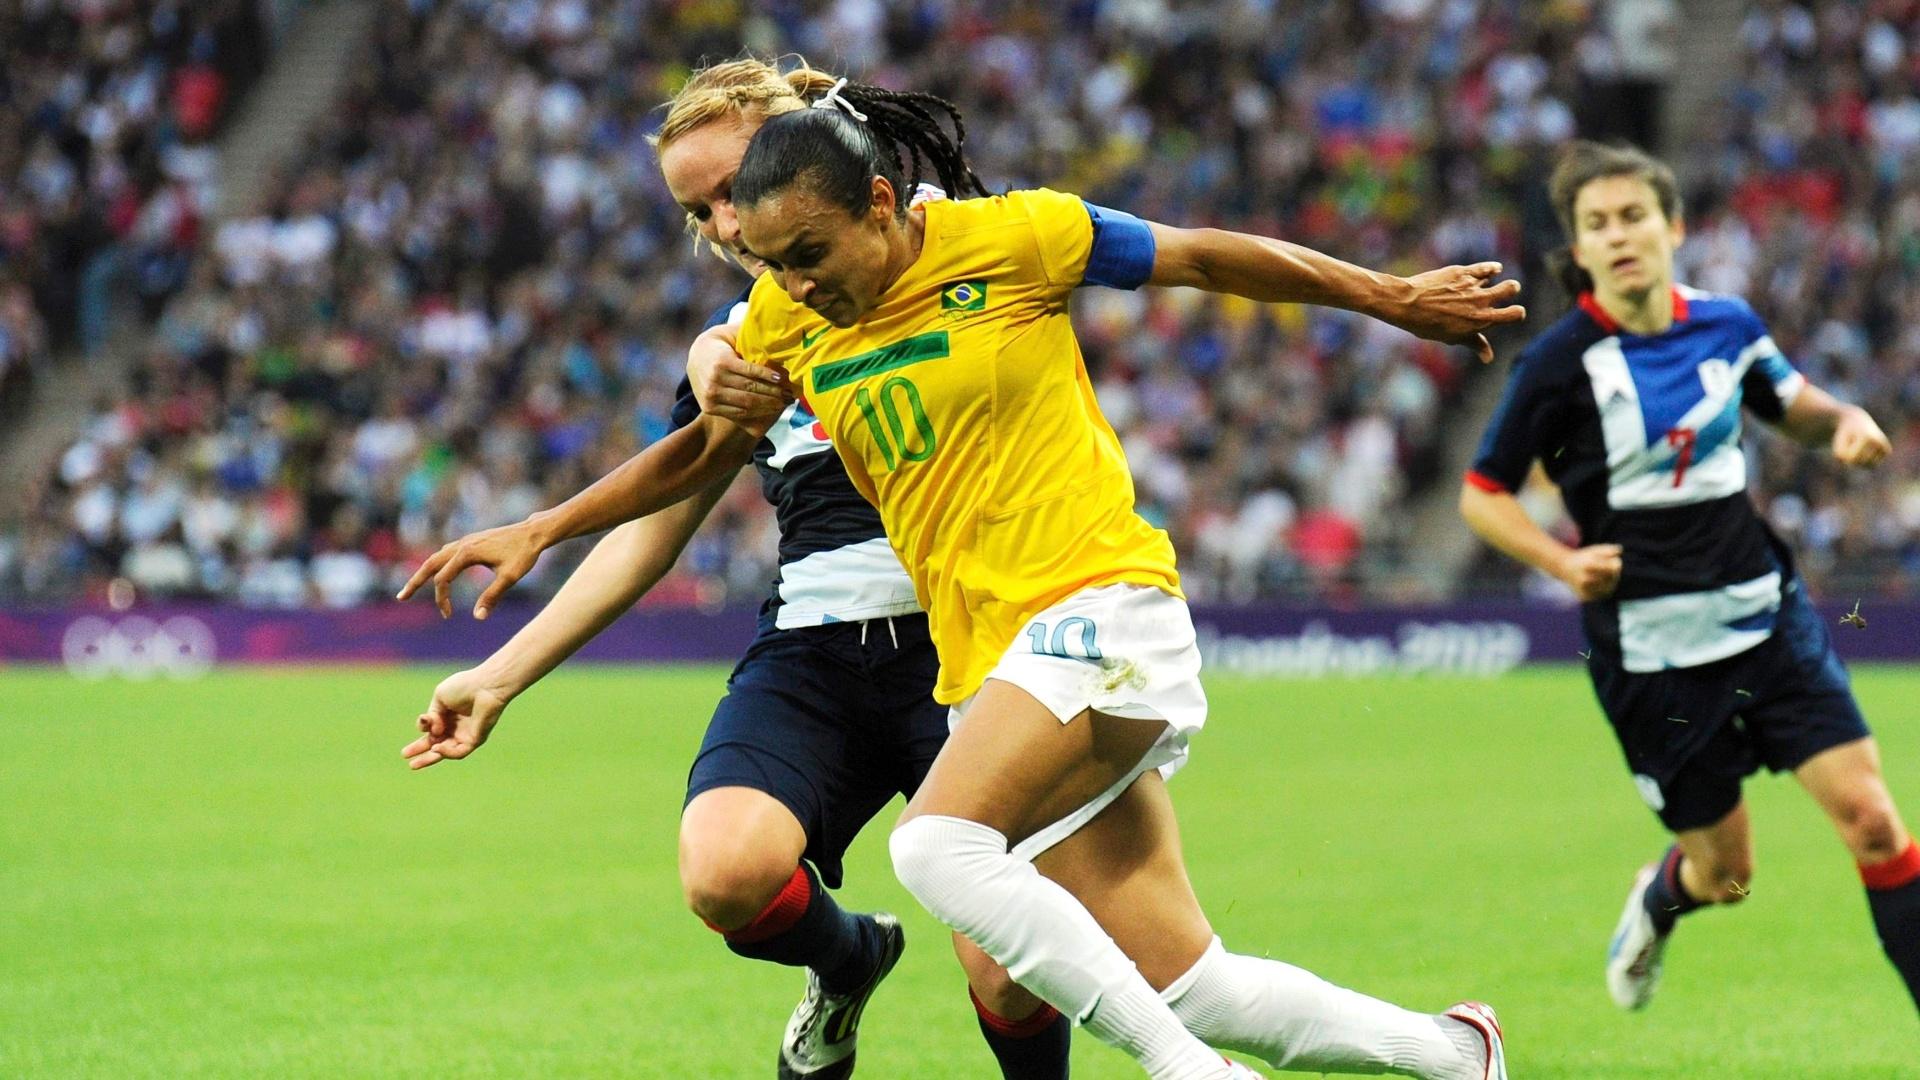 Marta tenta escapar da marcação de jogadora britânica na partida entre Brasil e Reino Unido no estádio Wembley